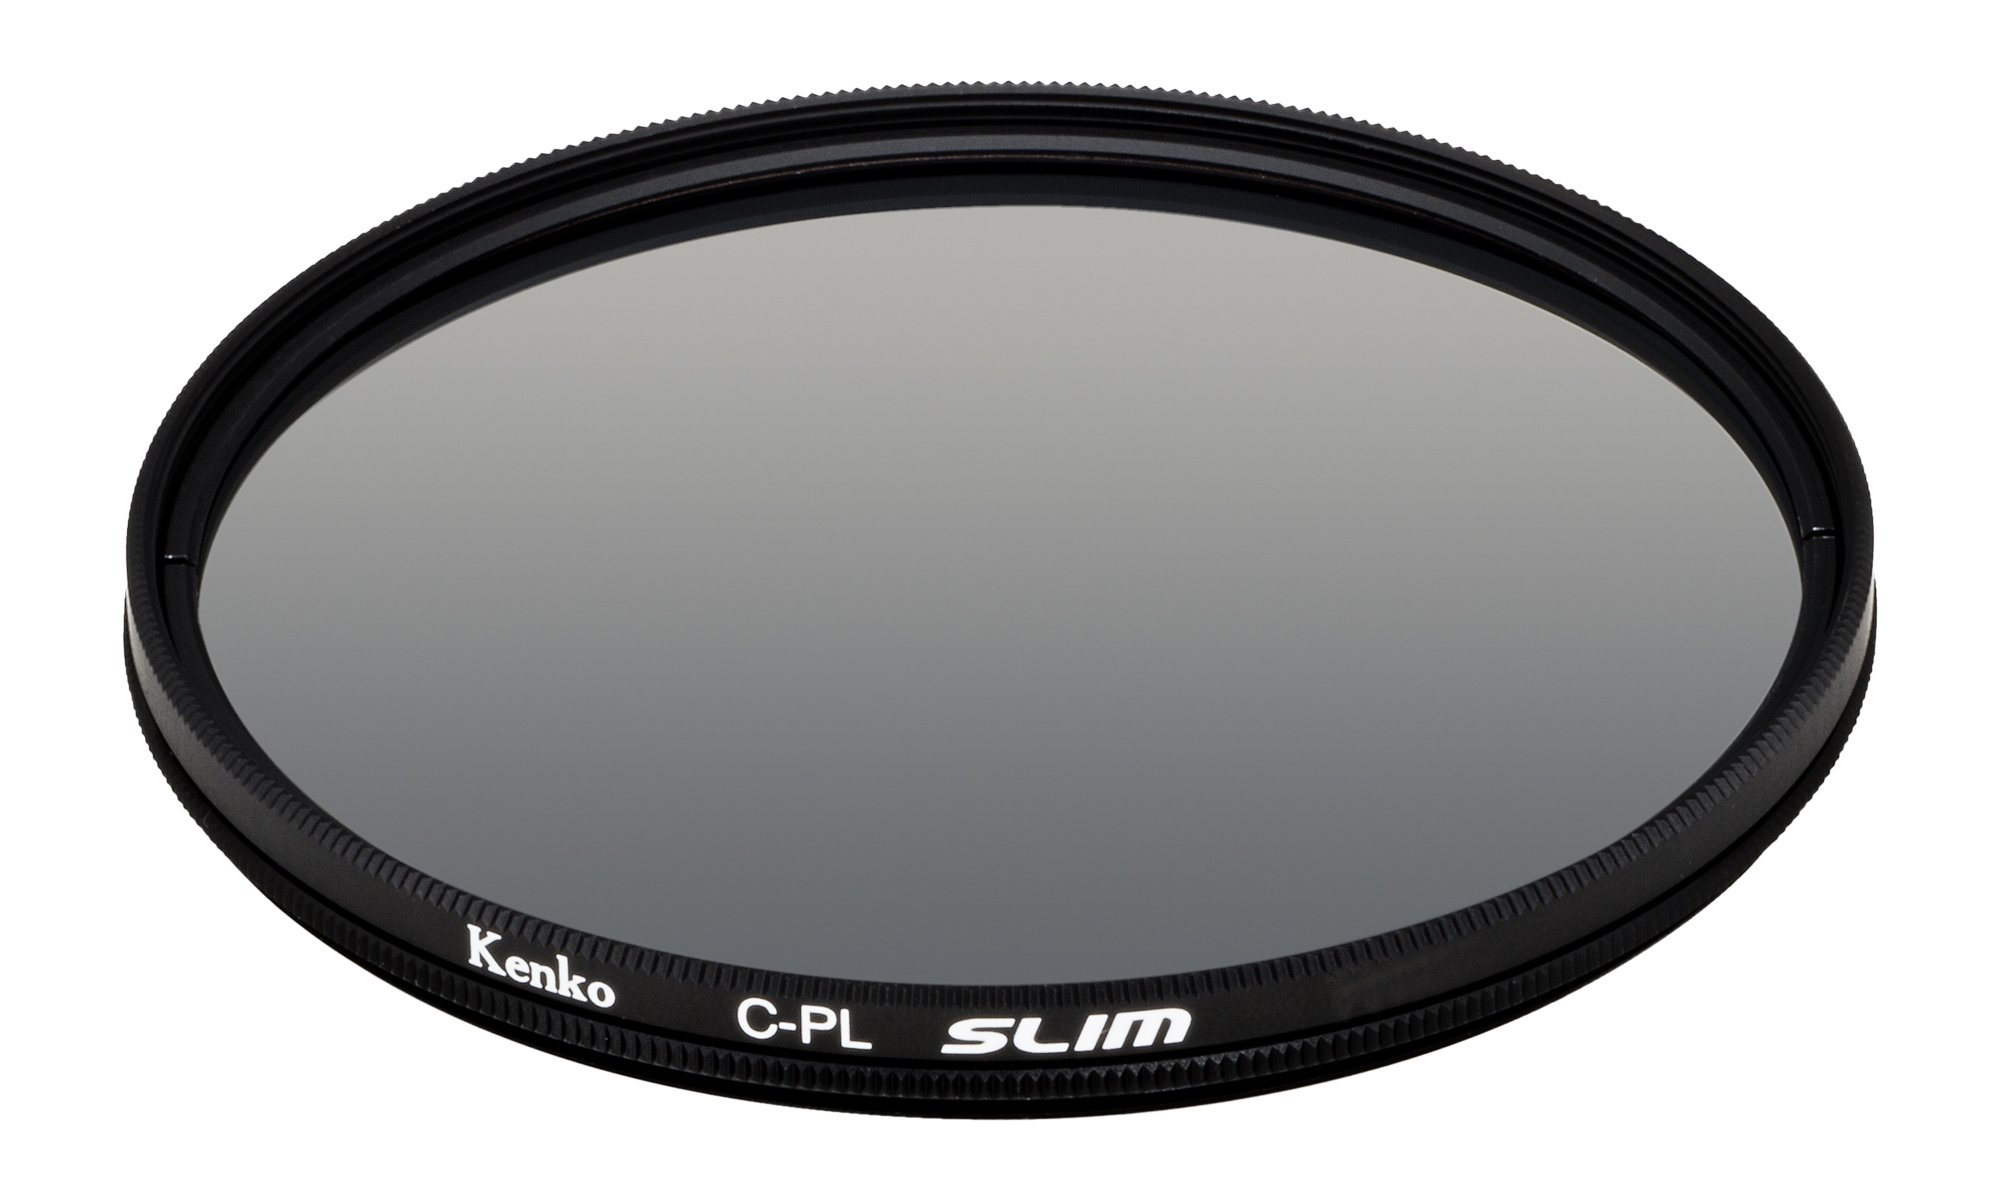 Kenko 58mm Smart C-PL Camera Lens Filters by Kenko